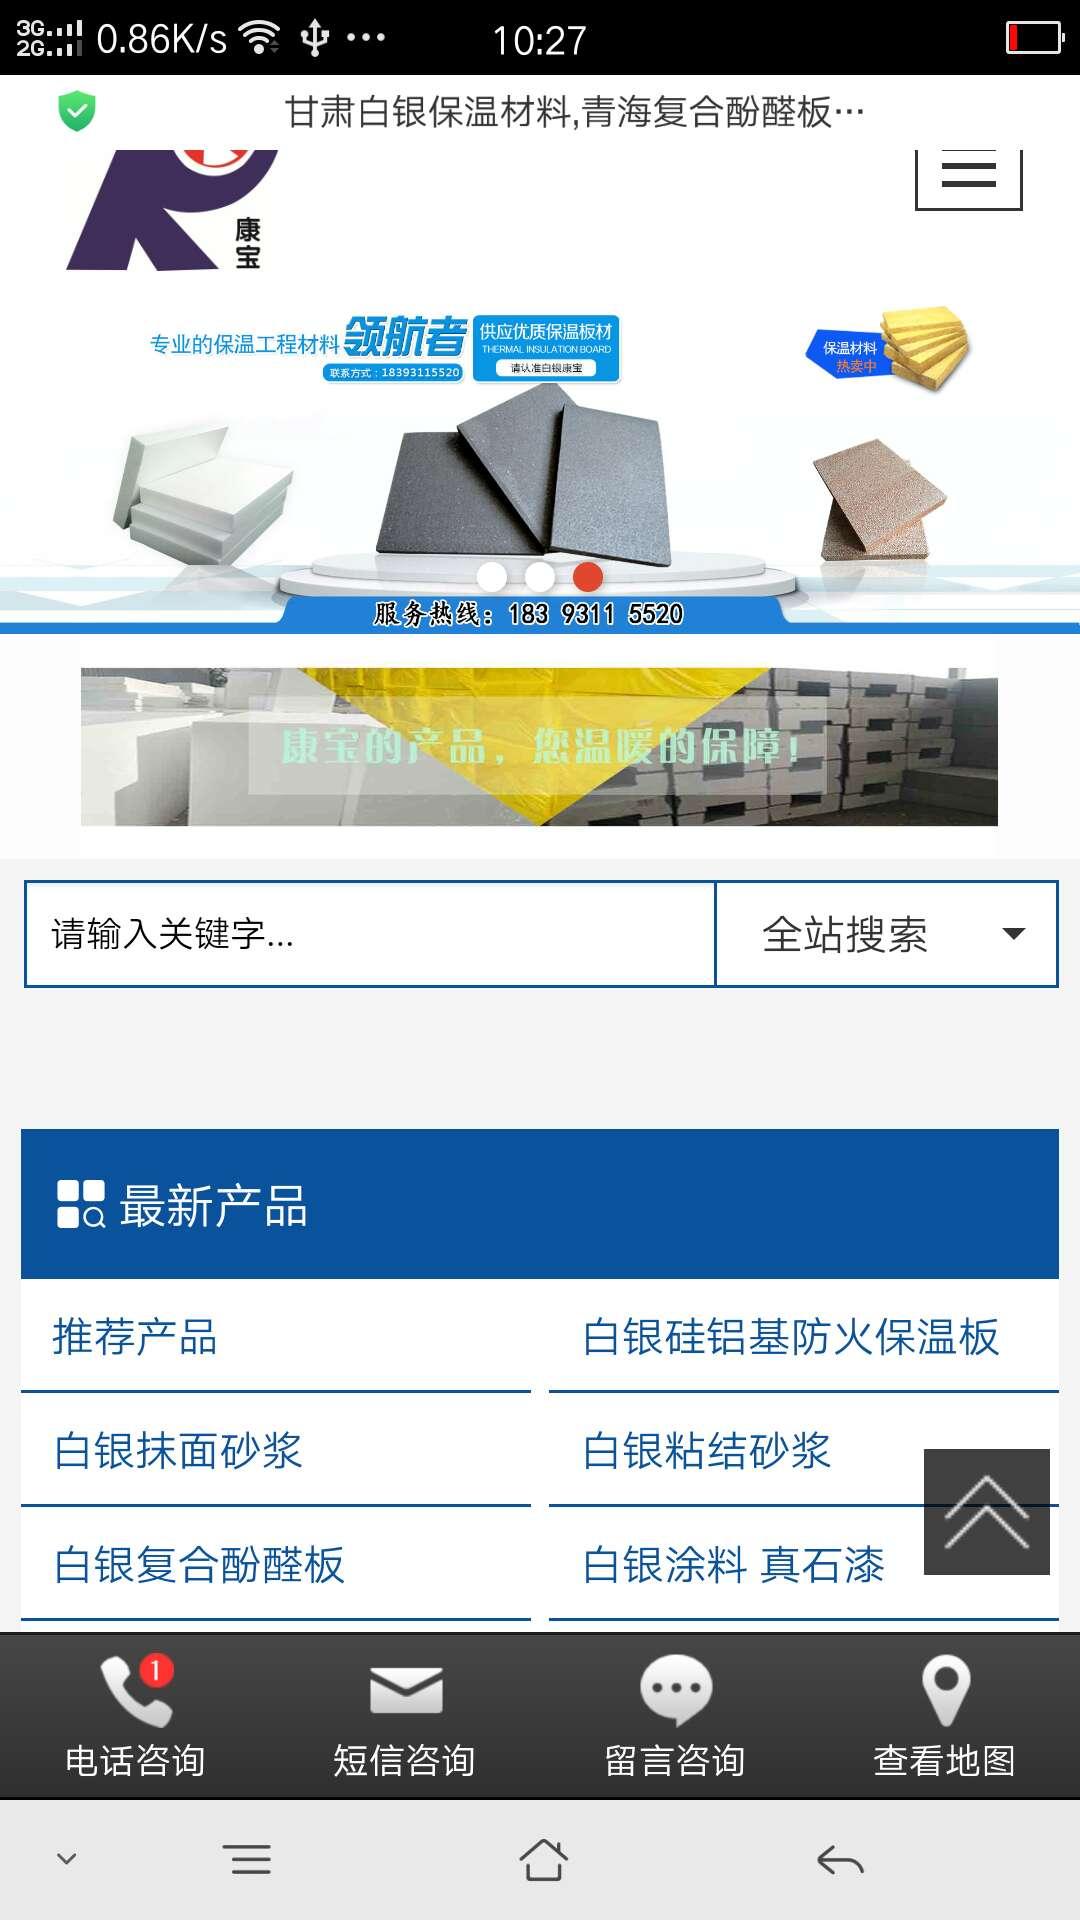 白银网站模板_白银有实力的白银百度快照公司